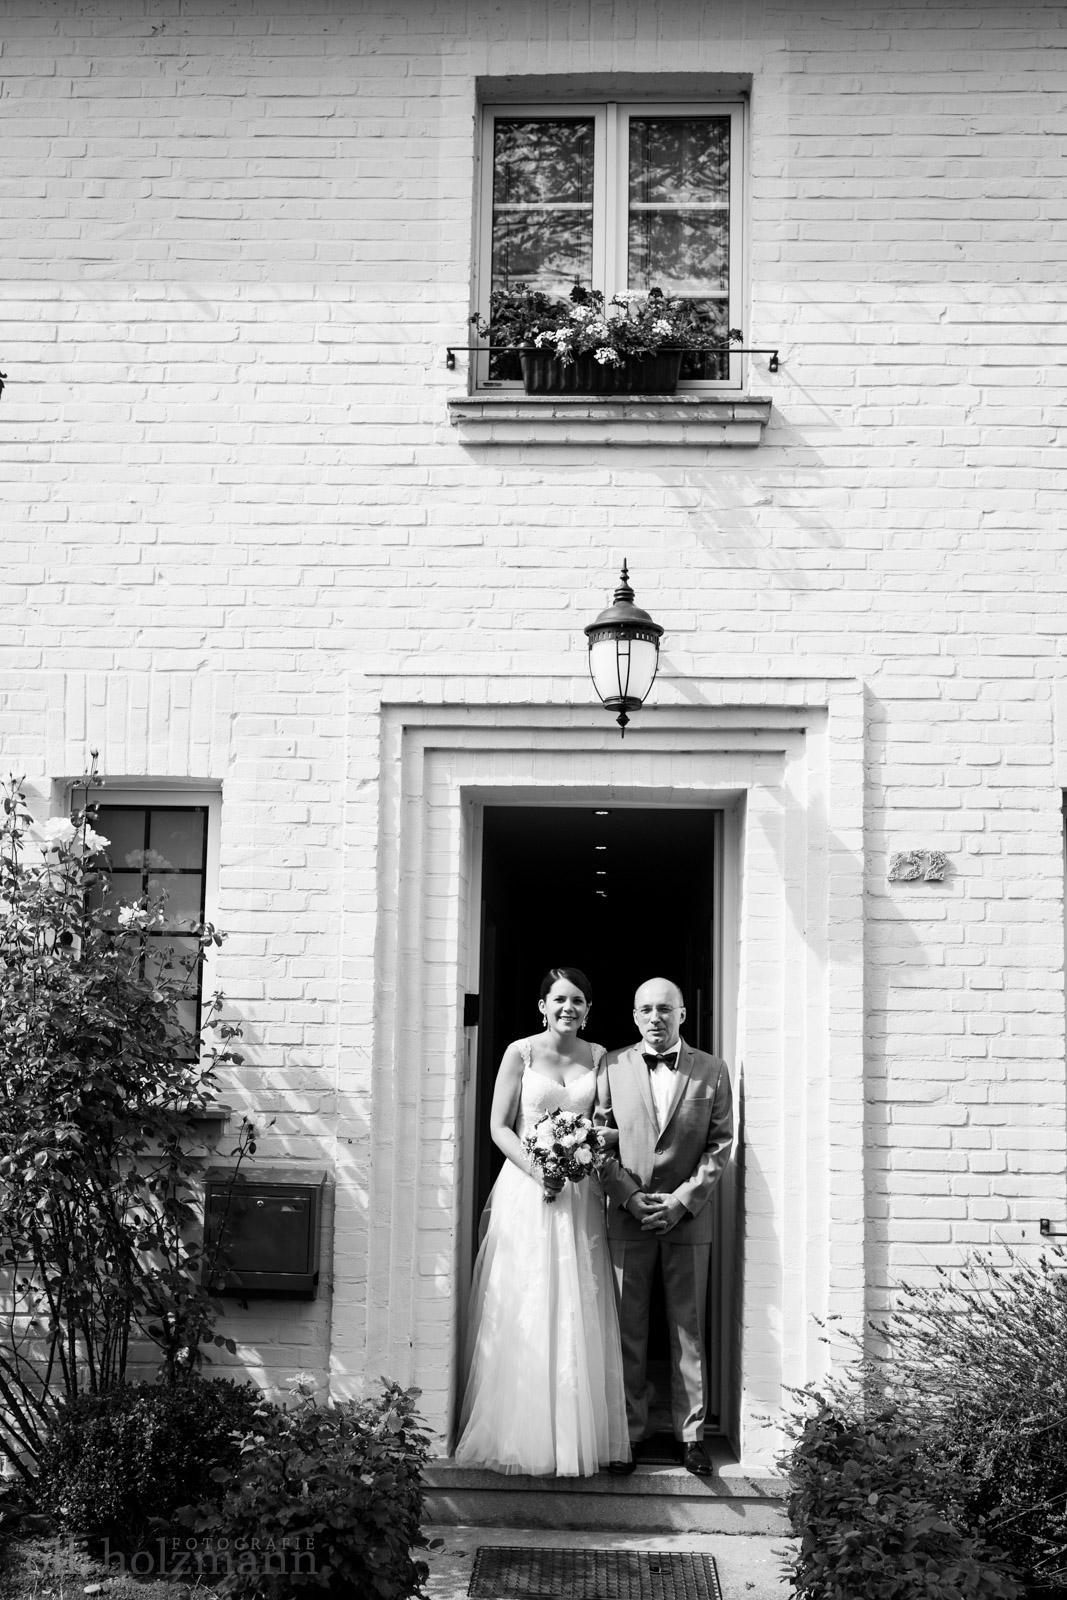 Hochzeitsfotograf_Sonsbeck-37.jpg